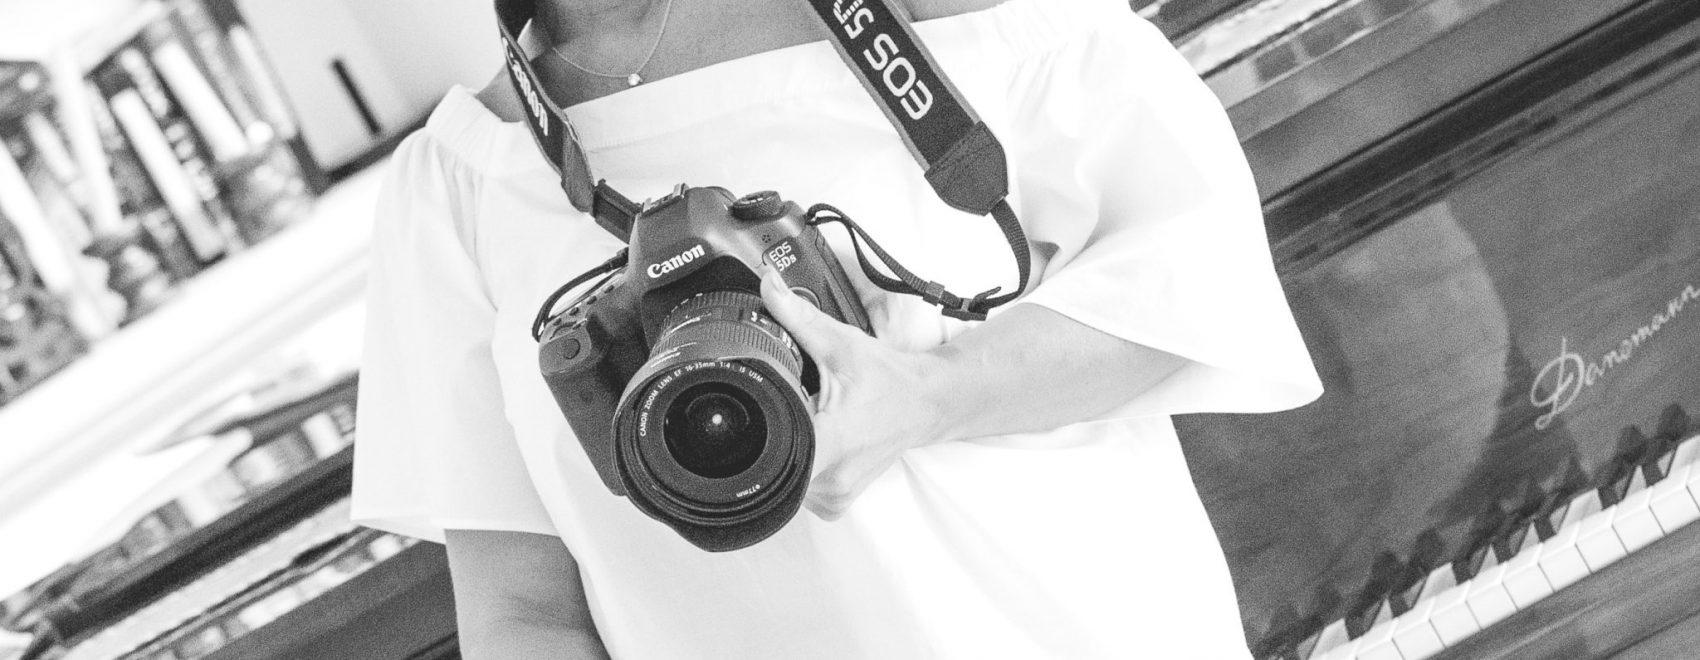 Alessia photographer